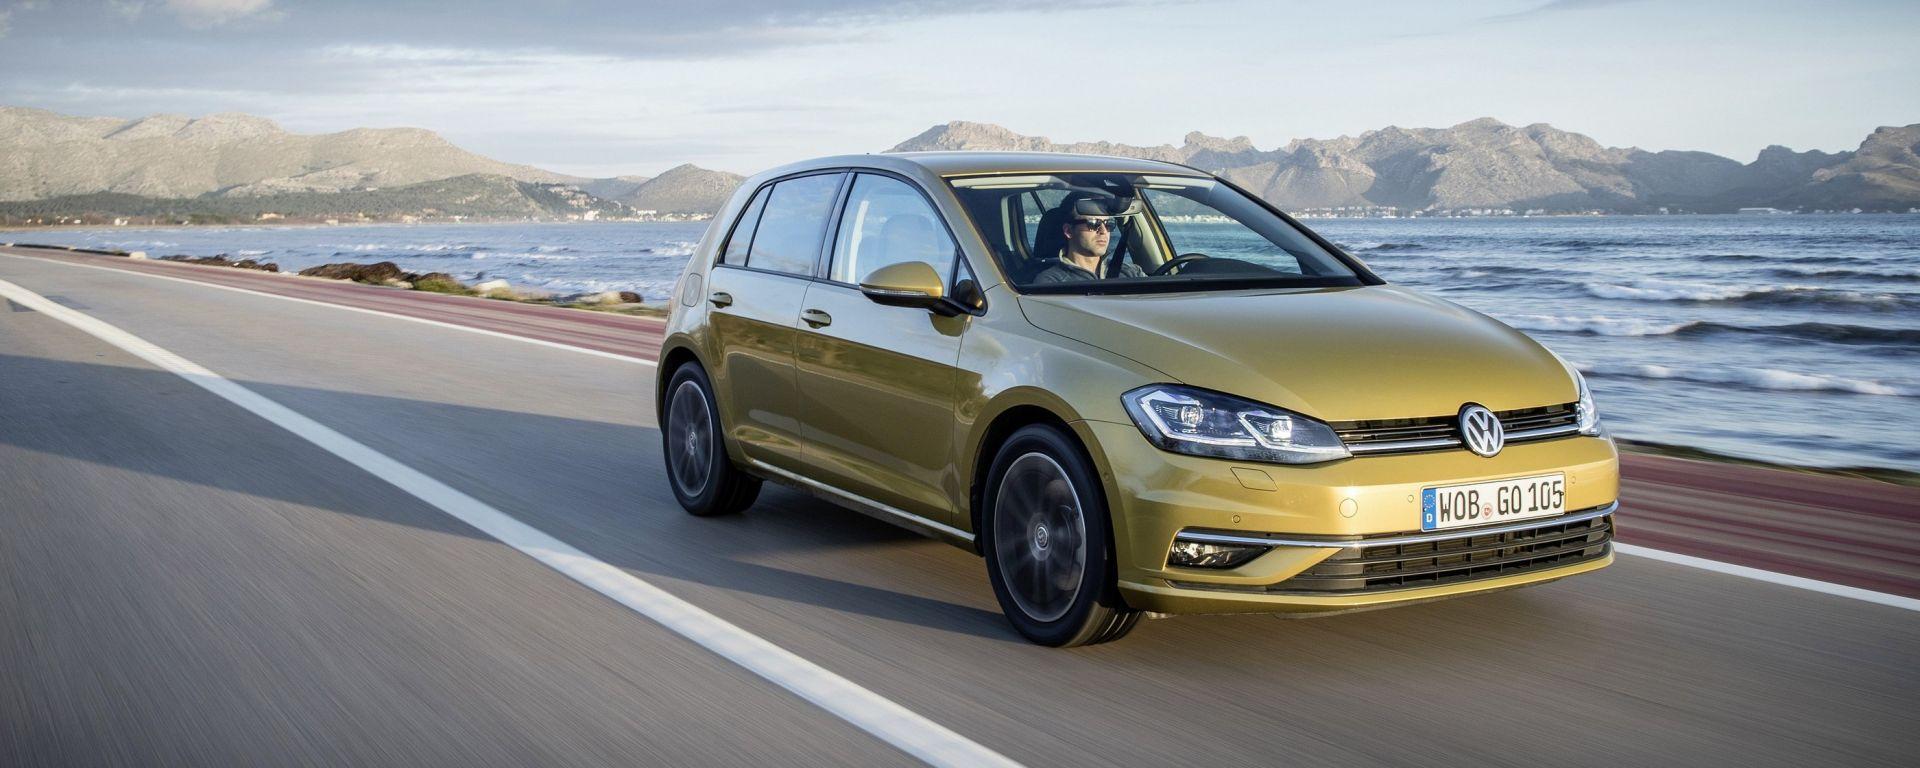 Volkswagen Golf restyling: la compatta tedesca si aggiorna (poco) nelle linee e (molto) nella tecnologia